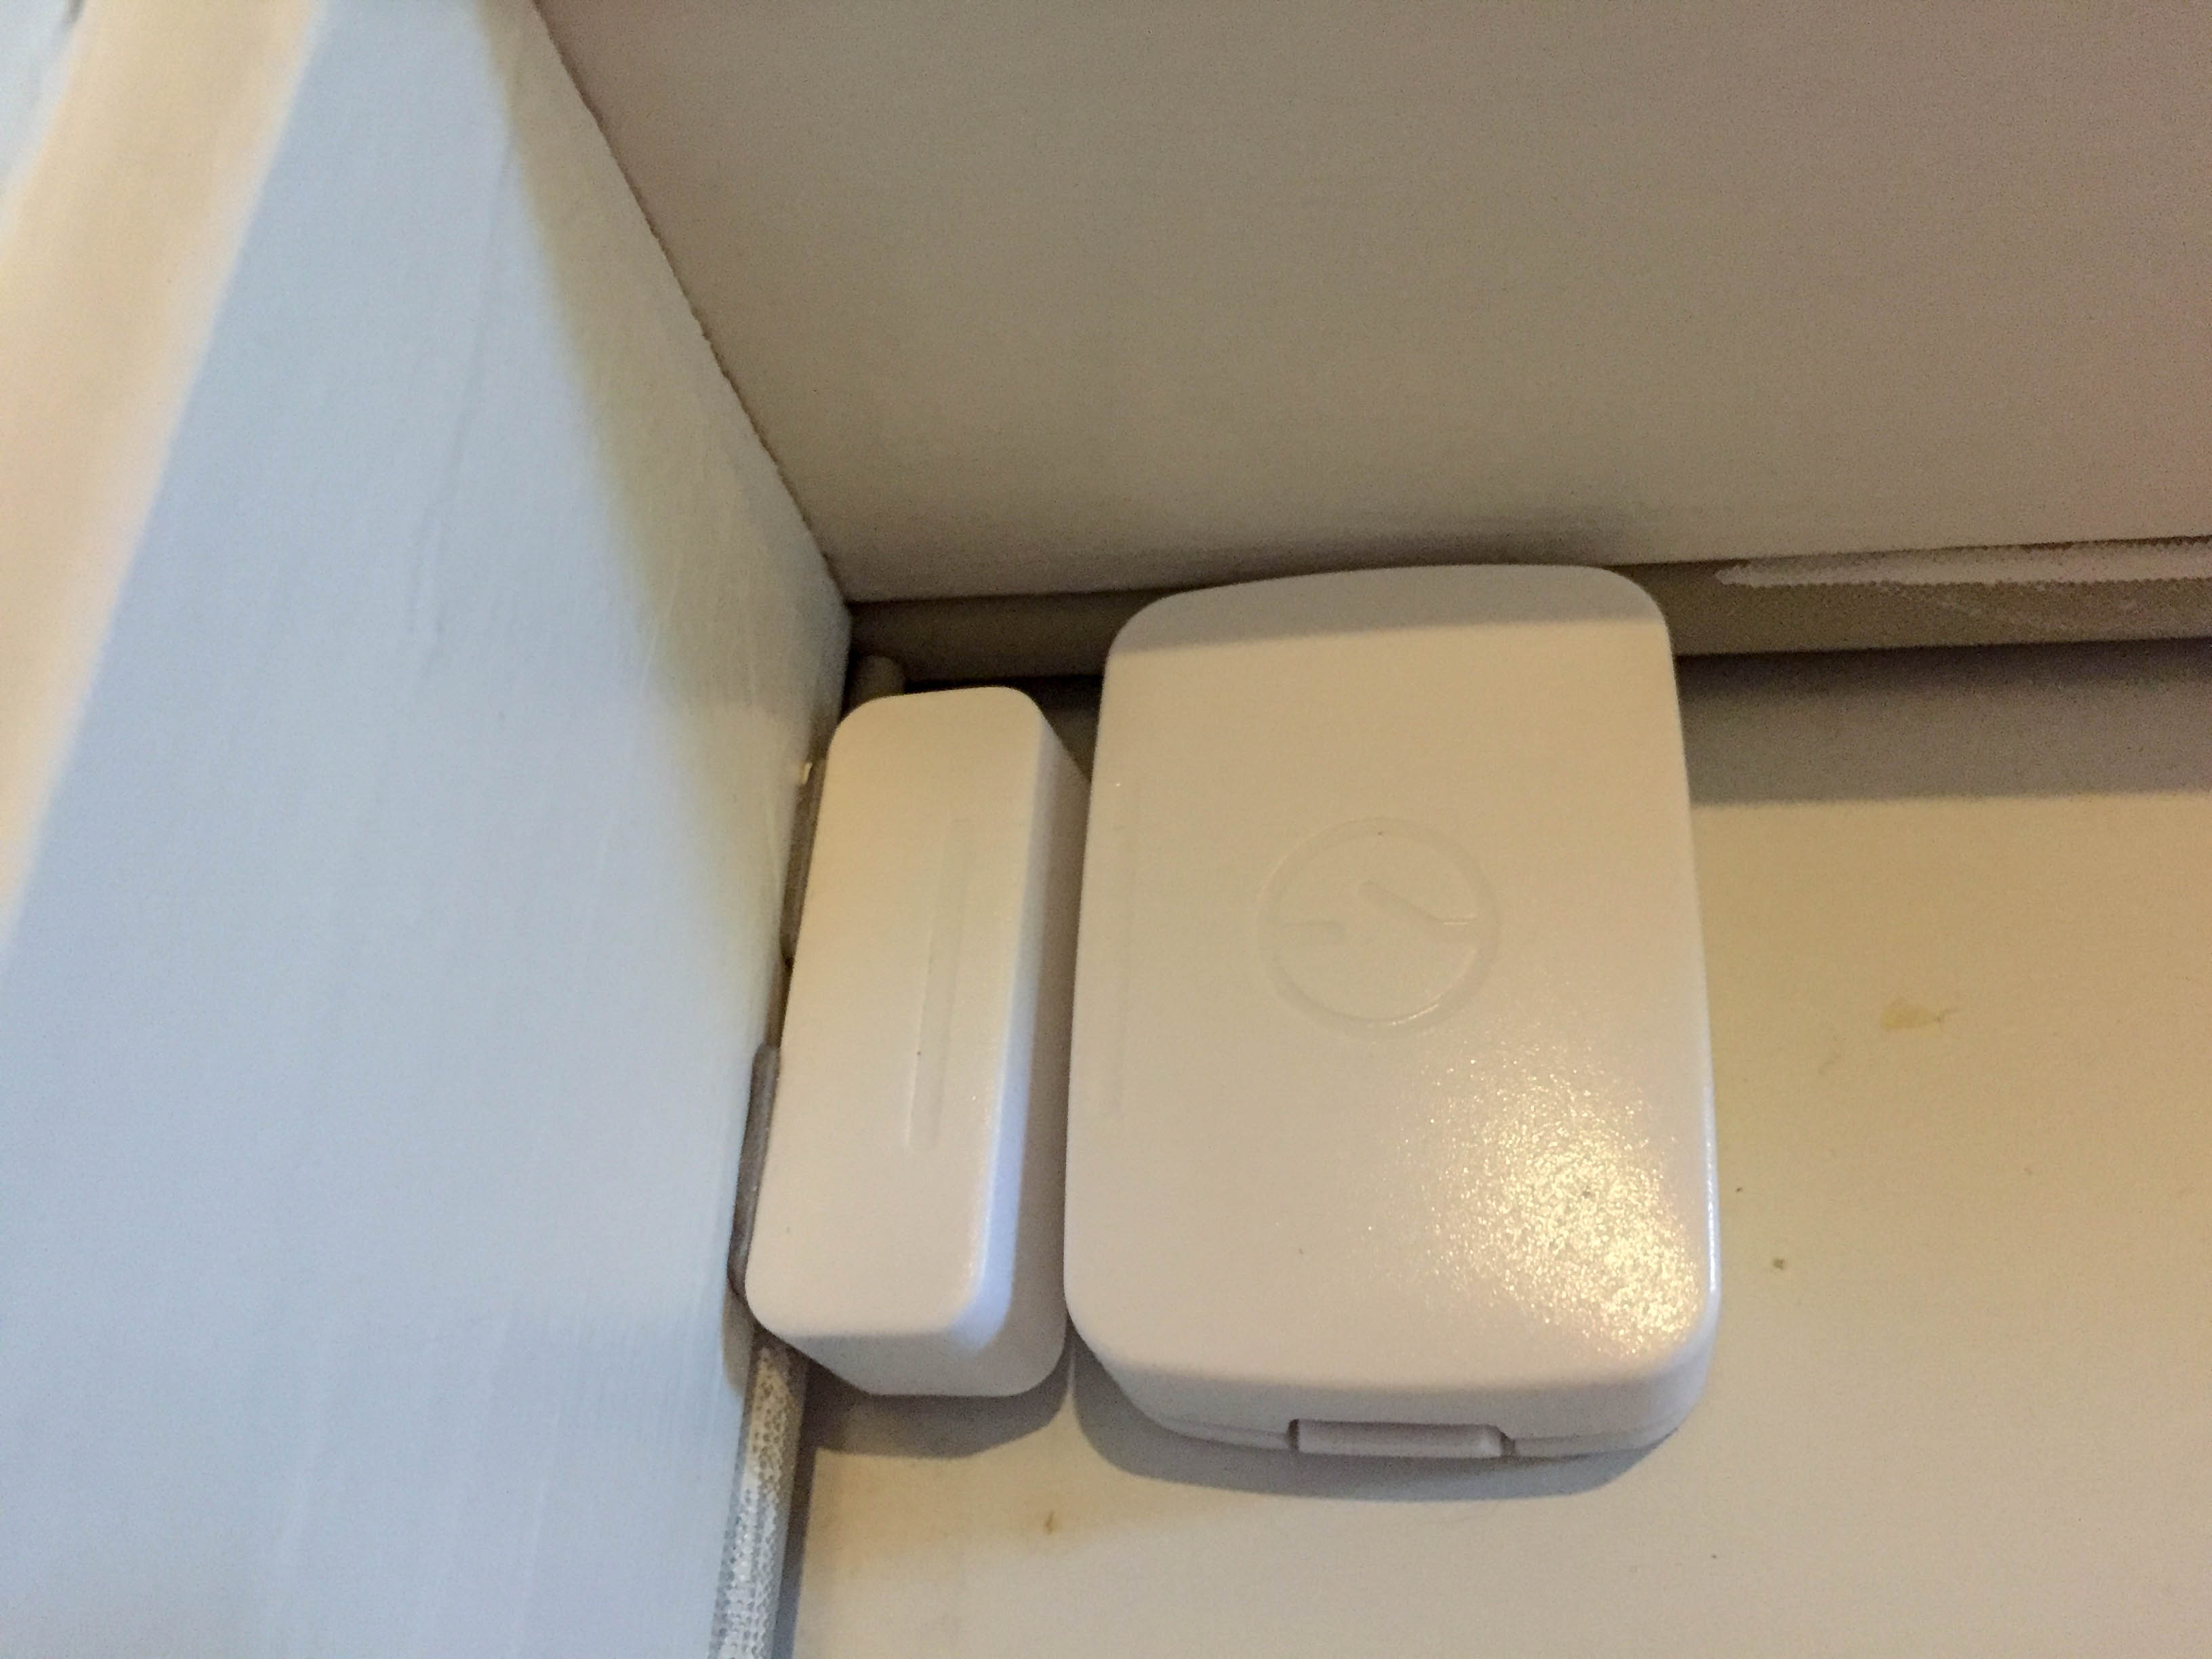 SmartThings V2 Door Sensor